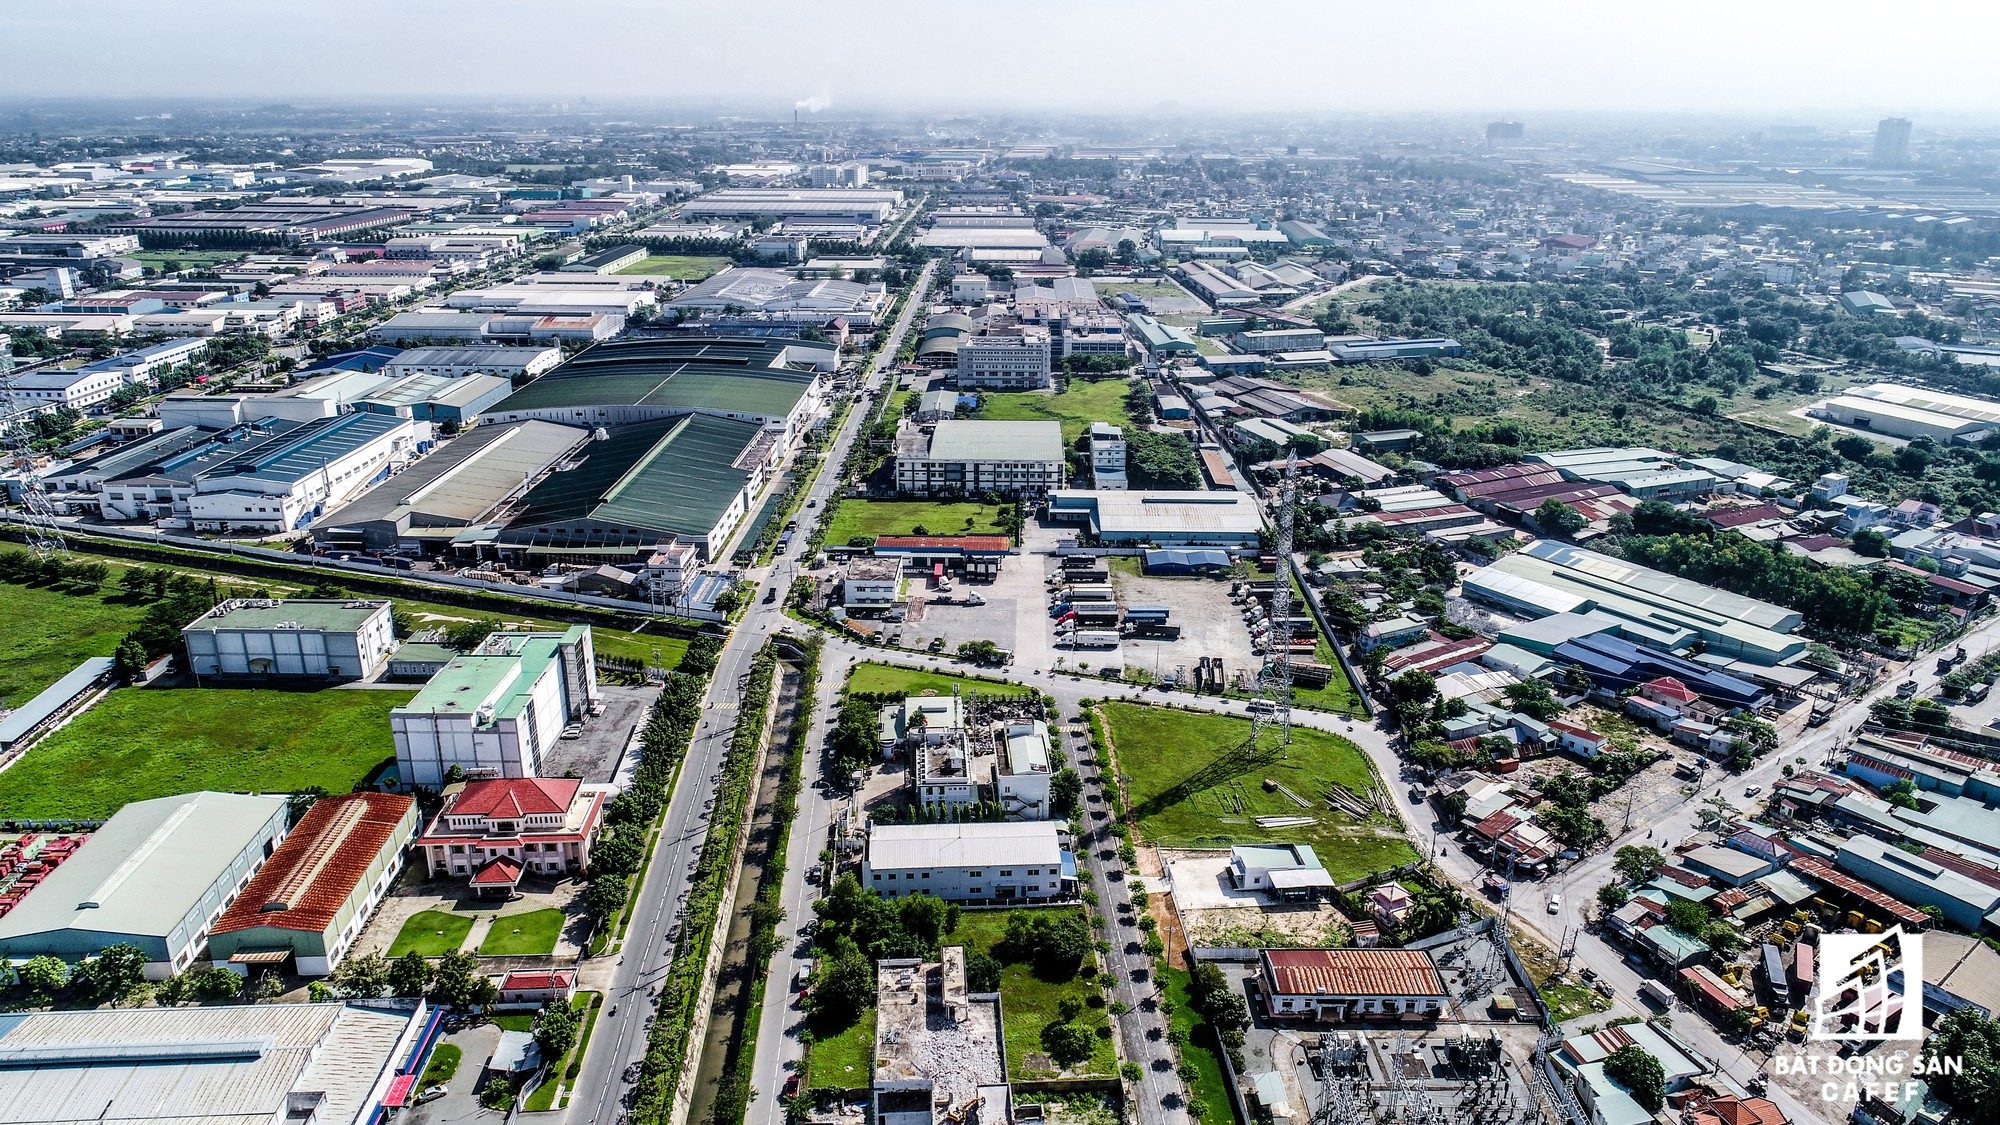 Trong số 1 số dự án này vượt bậc nhất là dự án Khu Công nghiệp Việt Nam - Singapore (VSIP), tọa lạc gần Tổ hợp Becamex City Tower.